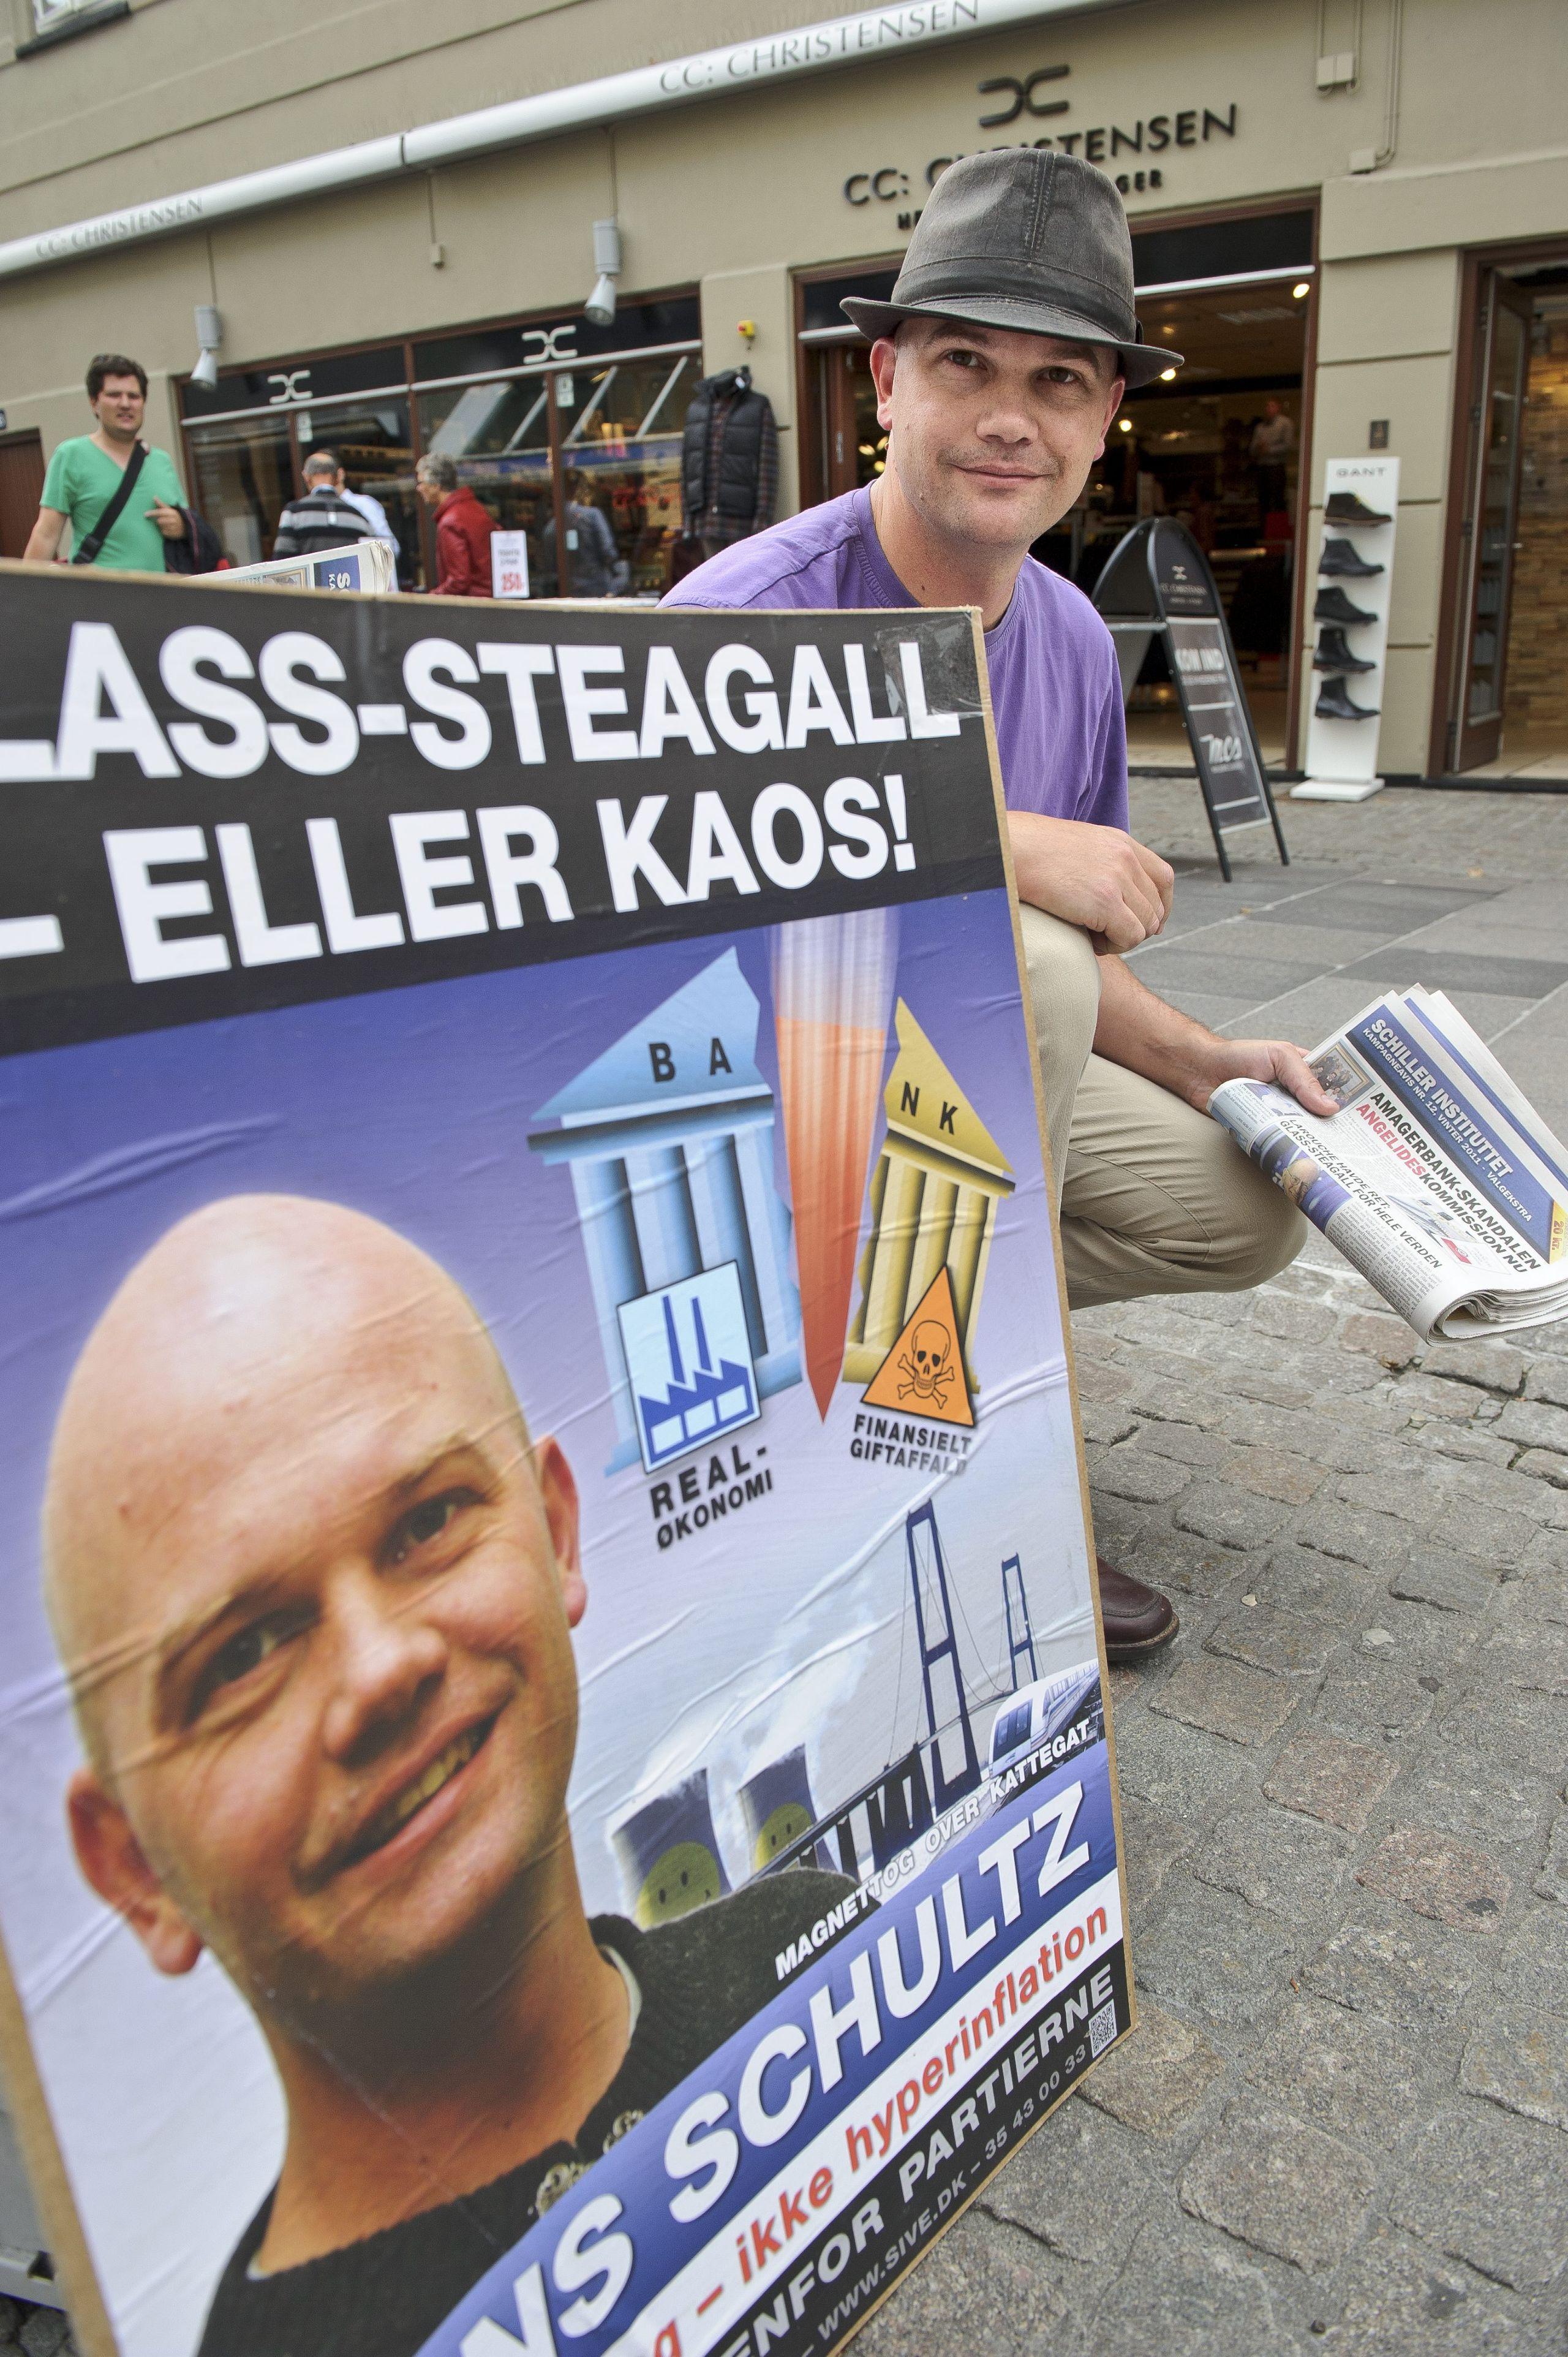 Sidst fik han 96 stemmer i Nordjylland: Nu går løsgænger nye veje